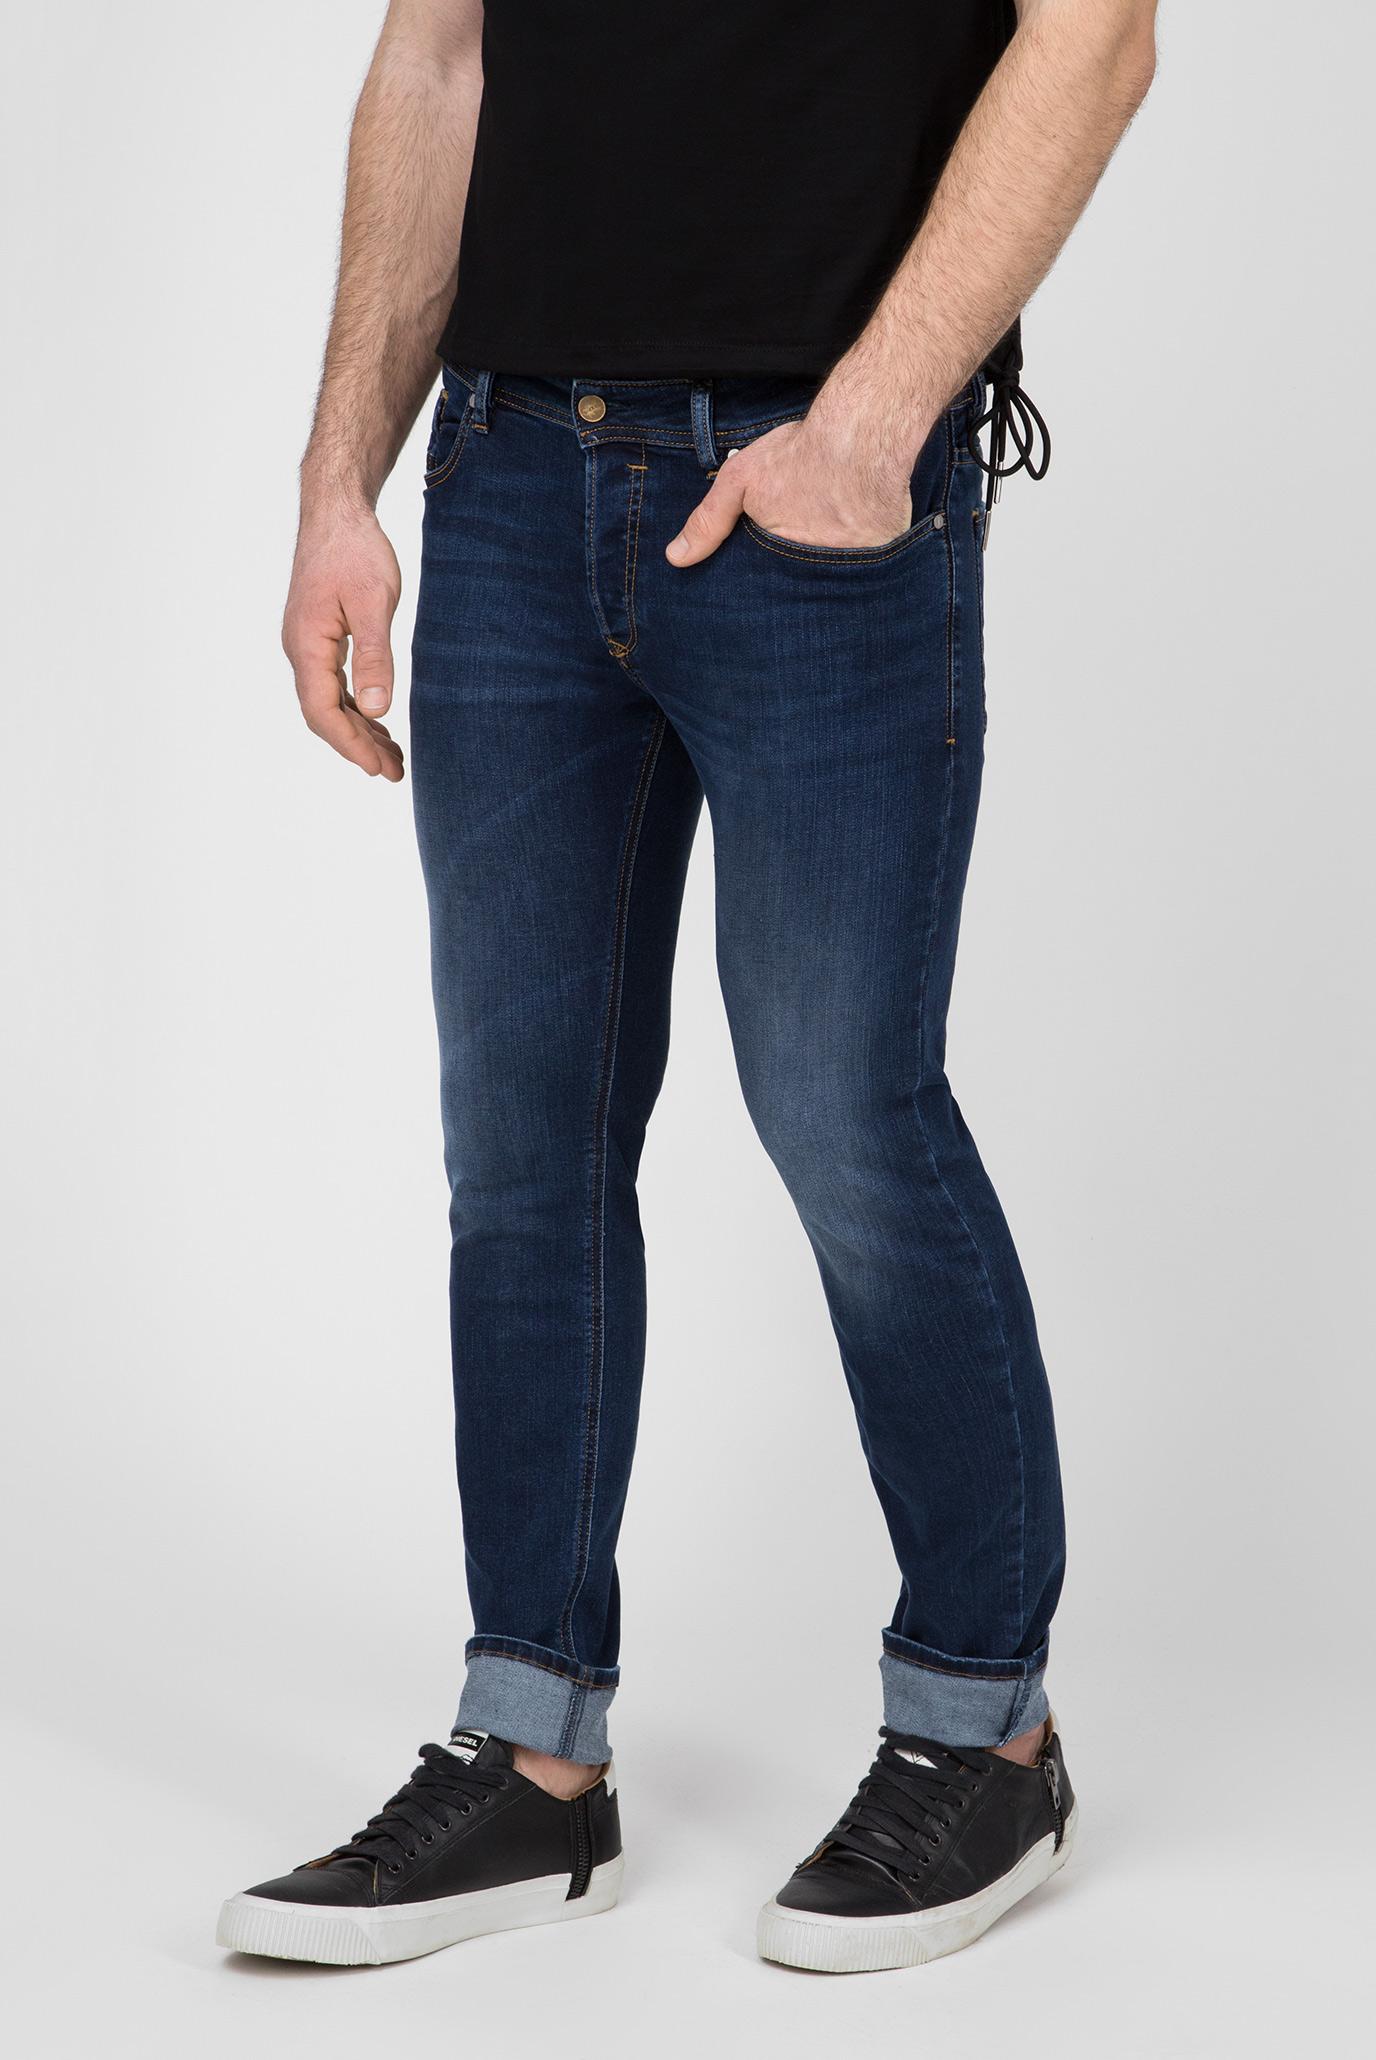 Купить Мужские синие джинсы SLEENKER Diesel Diesel 00S7VG 086AJ – Киев, Украина. Цены в интернет магазине MD Fashion